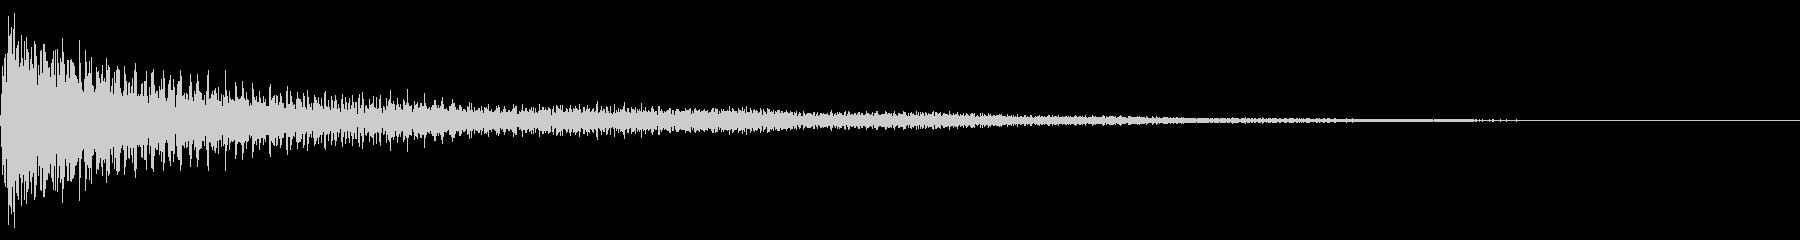 予感 不穏 ピアノ03の未再生の波形